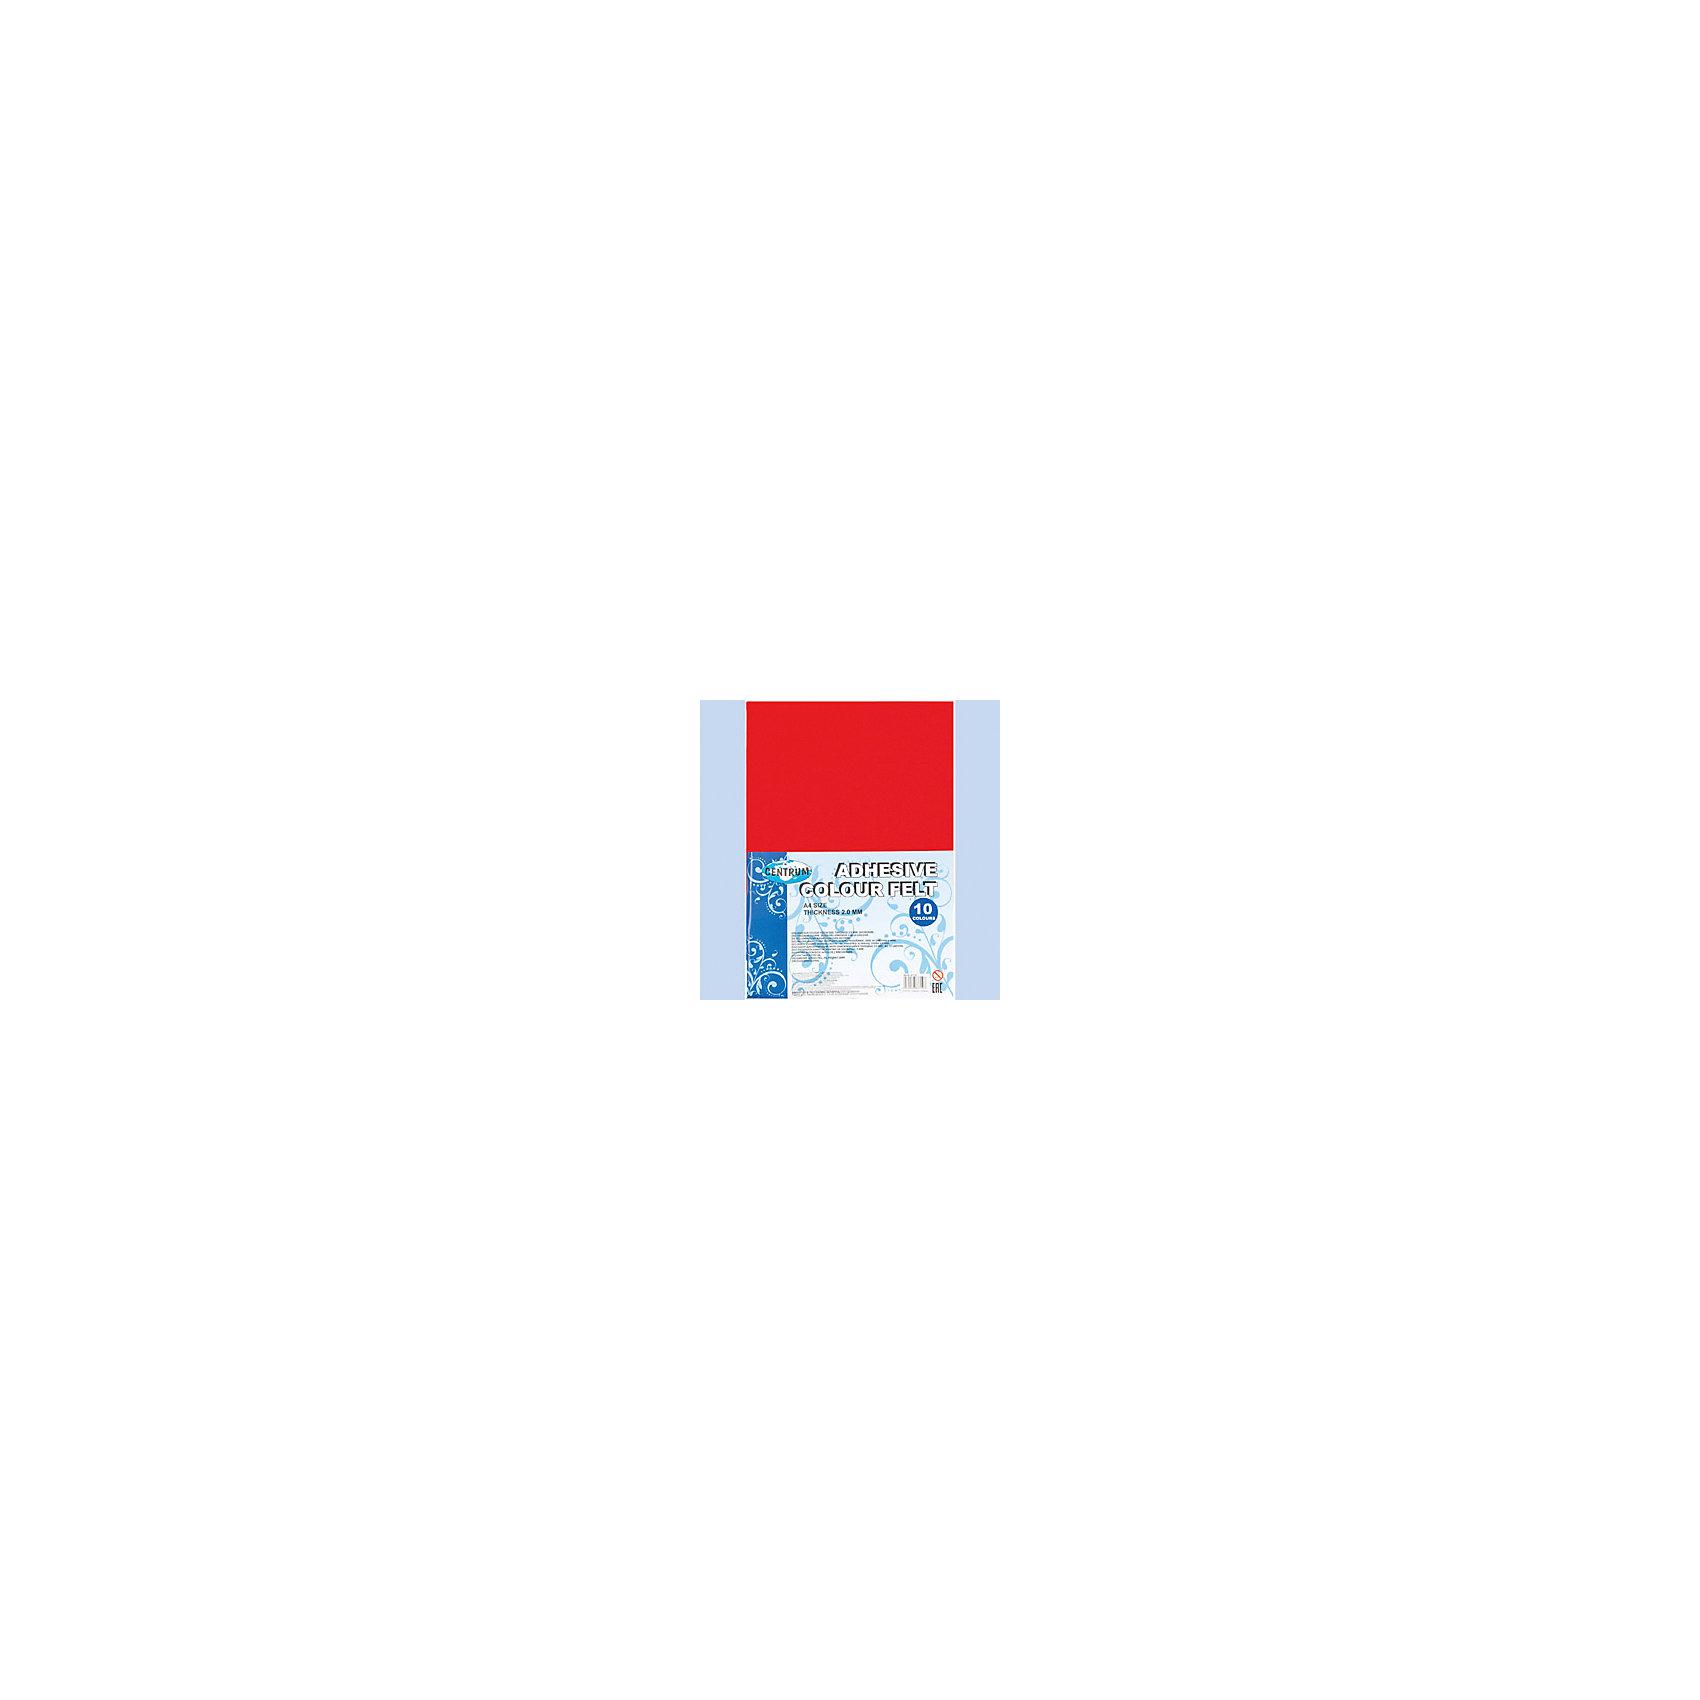 Centrum Набор декоративного цветного фетра  на клеевой основе А4Шитьё<br>Набор декоративного цветного фетра  на клеевой основе А4, для детского творчества (аппликации), толщина 2,0 мм, формат А4, 10 цветов<br><br>Ширина мм: 27<br>Глубина мм: 207<br>Высота мм: 298<br>Вес г: 208<br>Возраст от месяцев: 72<br>Возраст до месяцев: 2147483647<br>Пол: Унисекс<br>Возраст: Детский<br>SKU: 6846765